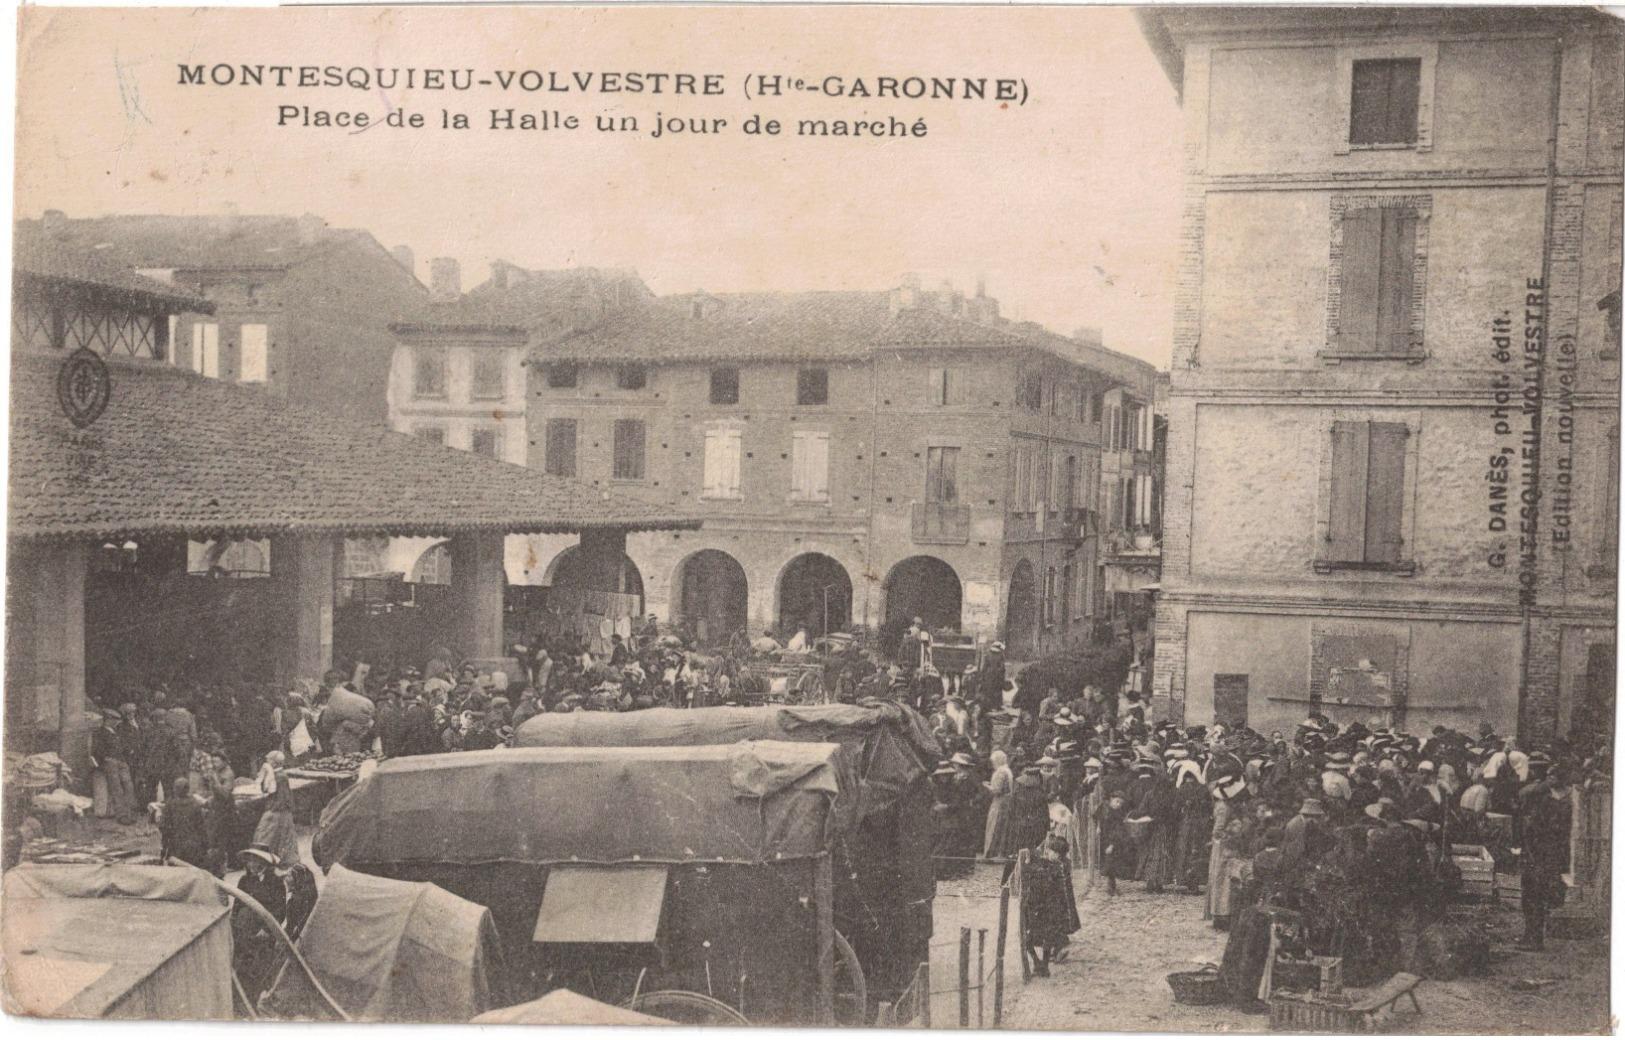 MONTESQUIEU-VOLVESTRE - PLACE DE LA HALLE UN JOUR DE MARCHE - Frankrijk